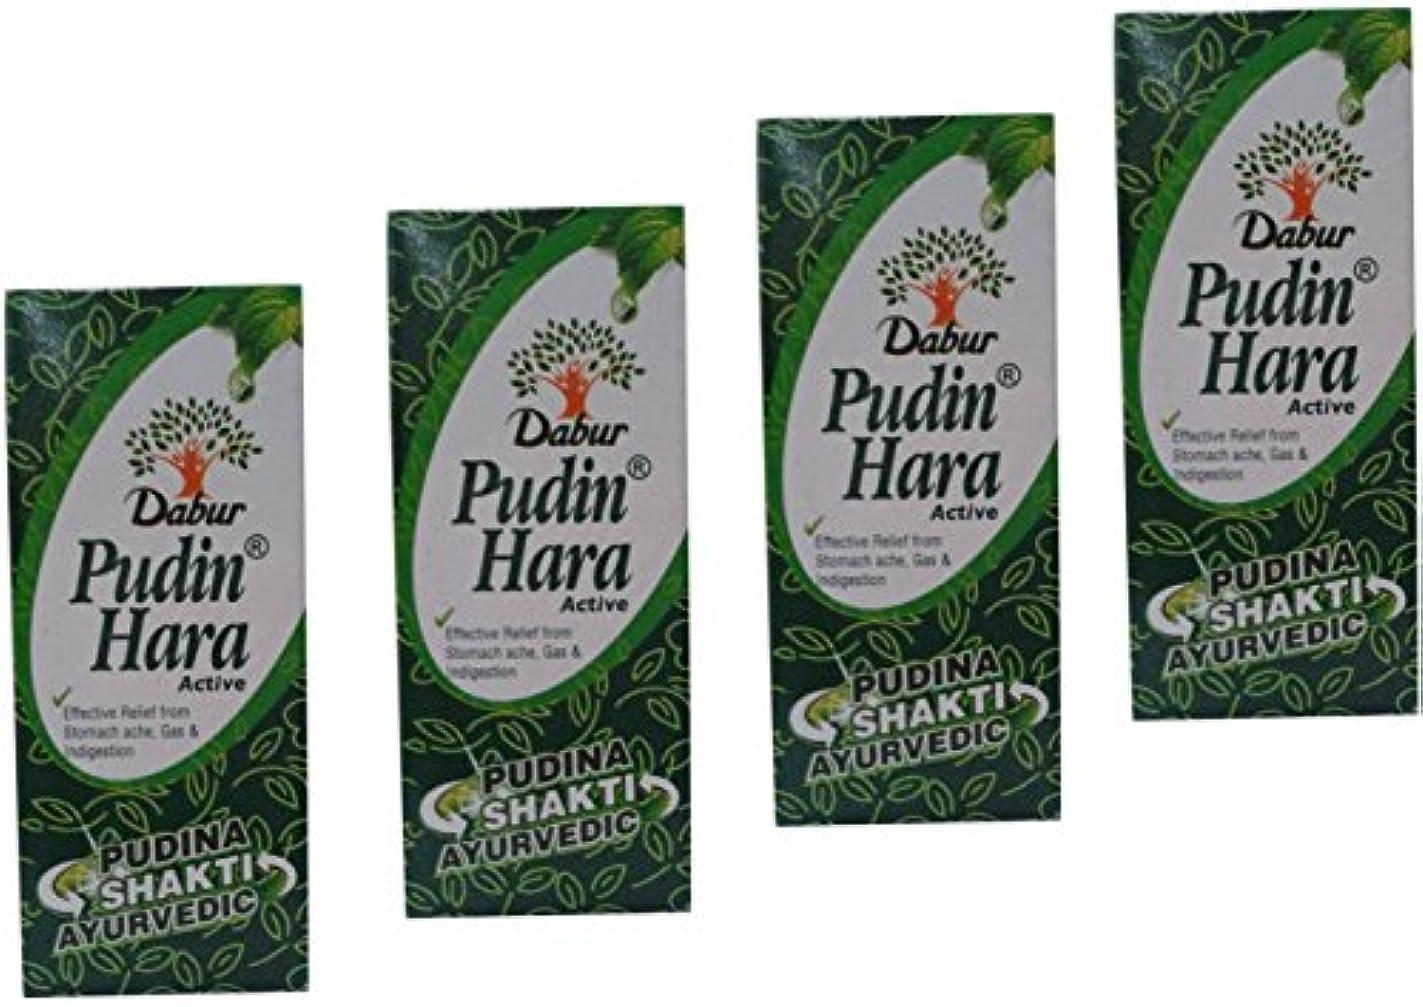 習熟度家事をする記念日Pudin Haraアクティブ、30 ml – ペットボトル( Pack of 4 )